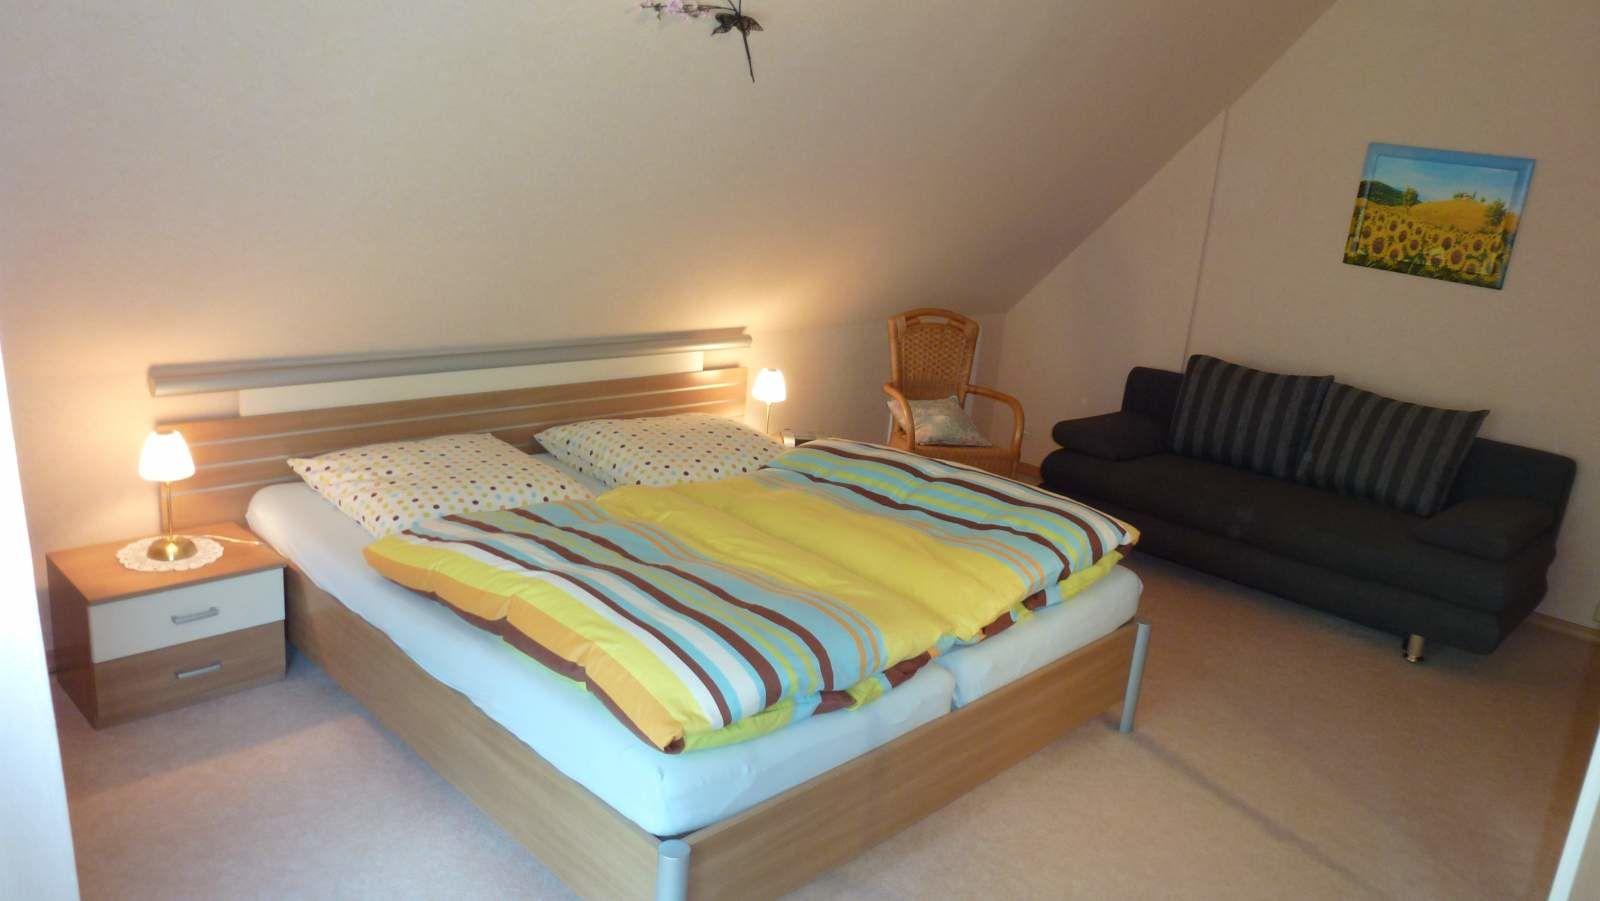 Doppelbett im großem Schlafzimmer